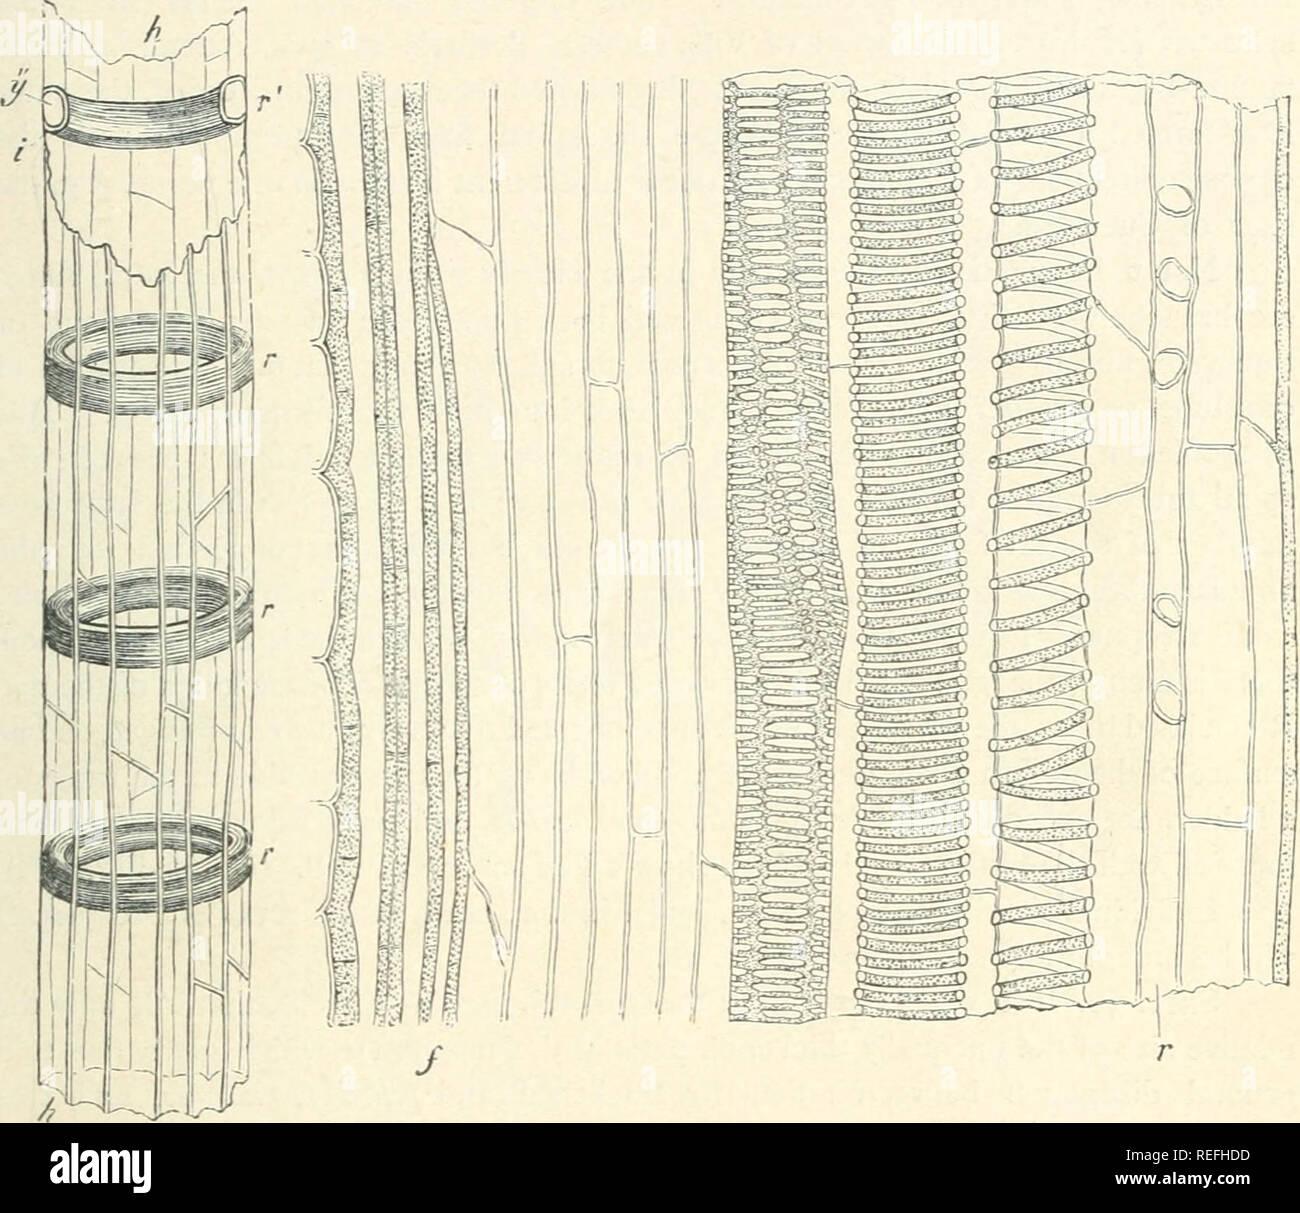 Mesembryanthemum varians, Ricardo Riddles